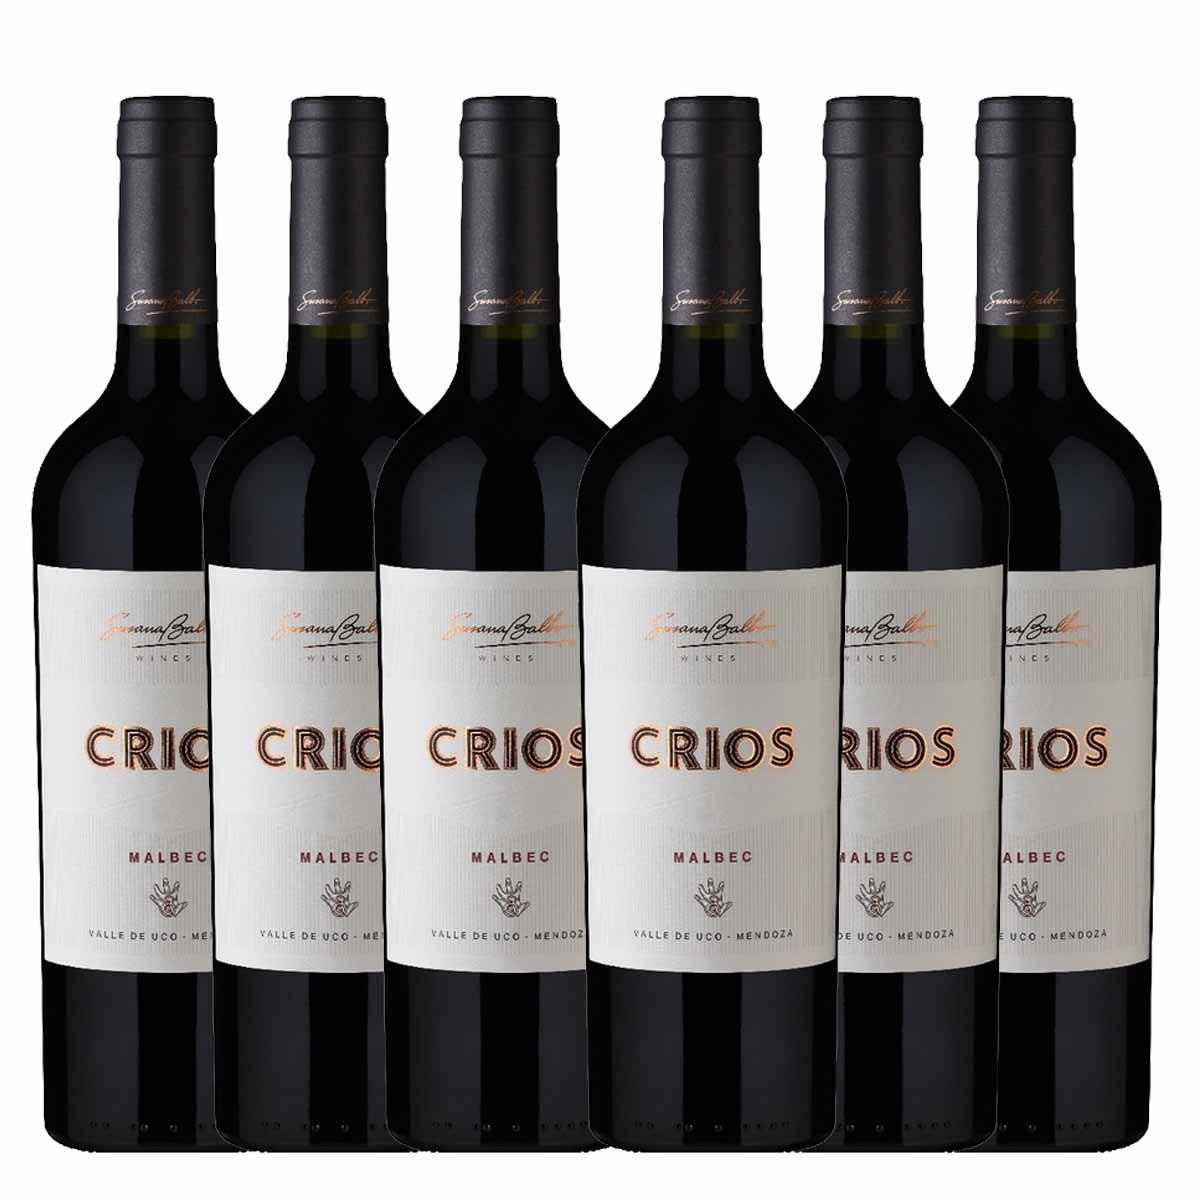 Kit 6 Vinho Tinto Argentino Susana Balbo Crios Malbec 2018 750ml